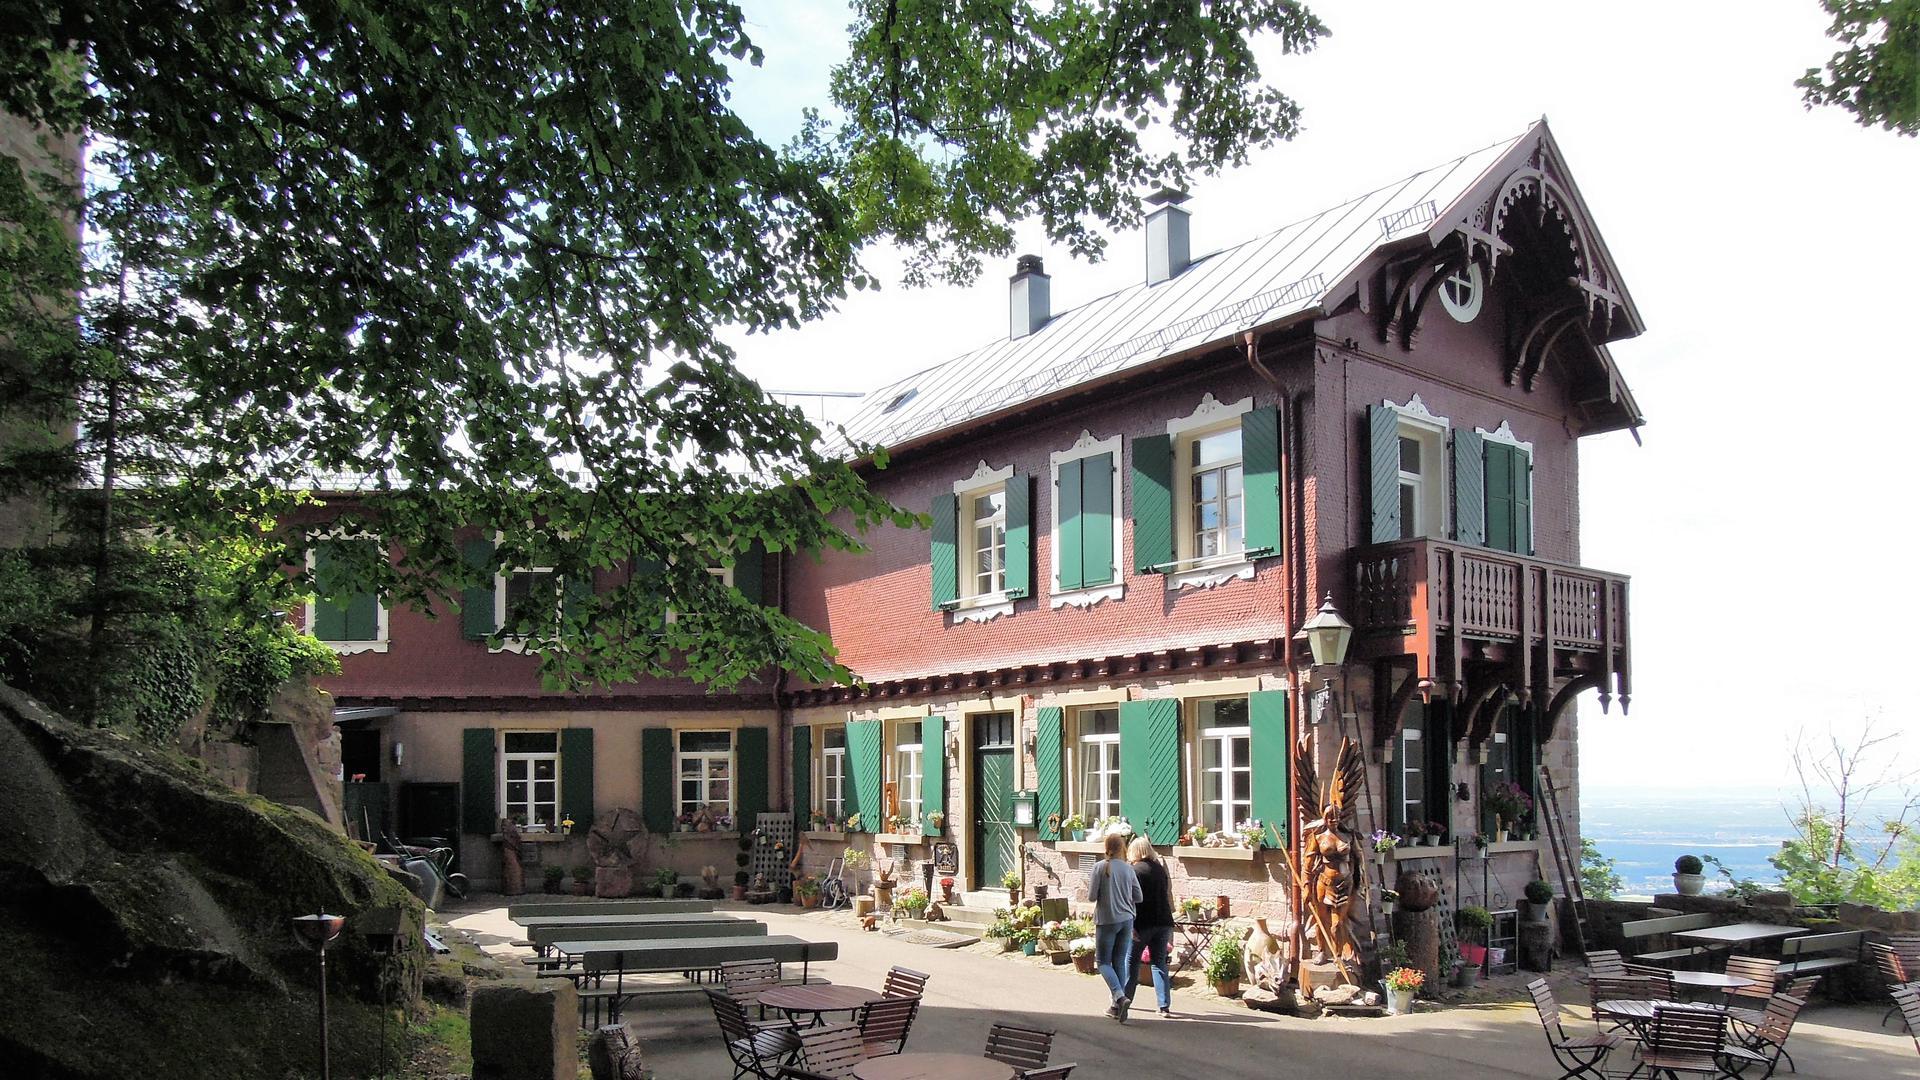 Schweizerhausstil: Die Gaststätte der Yburg entstand im Zeitalter der Burgenromantik gegen Ende des 19. Jahrhunderts.